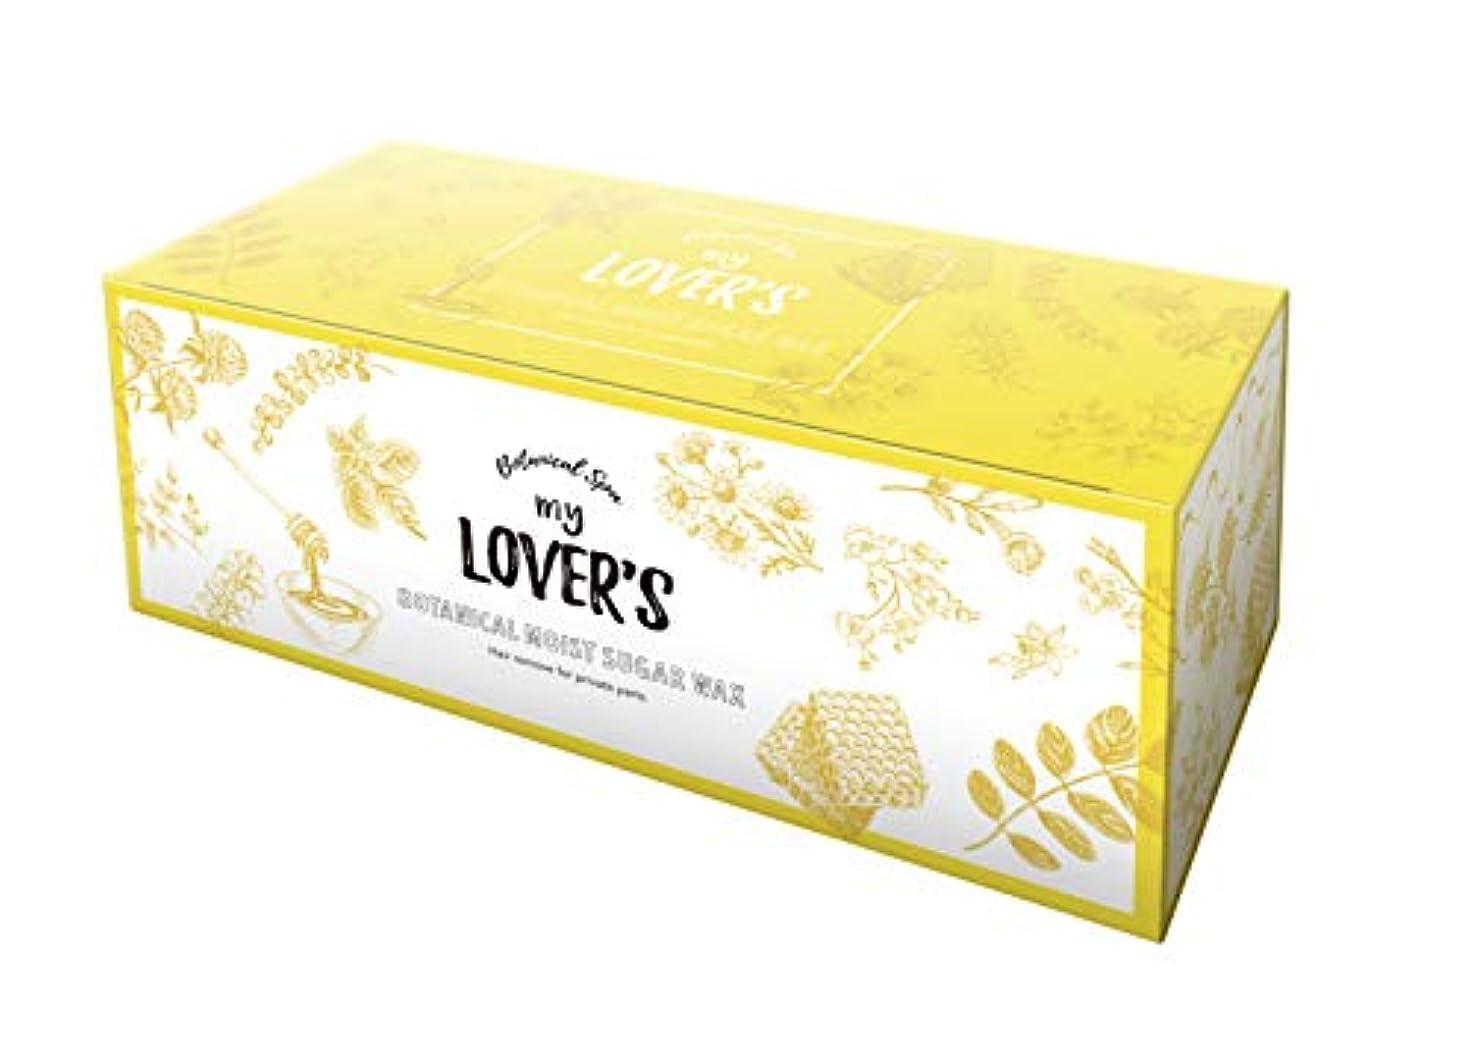 豊富に火山力強いMy Lover's my LOVER'S ボタニカルモイストシュガーワックス 1コ入 4589805610042